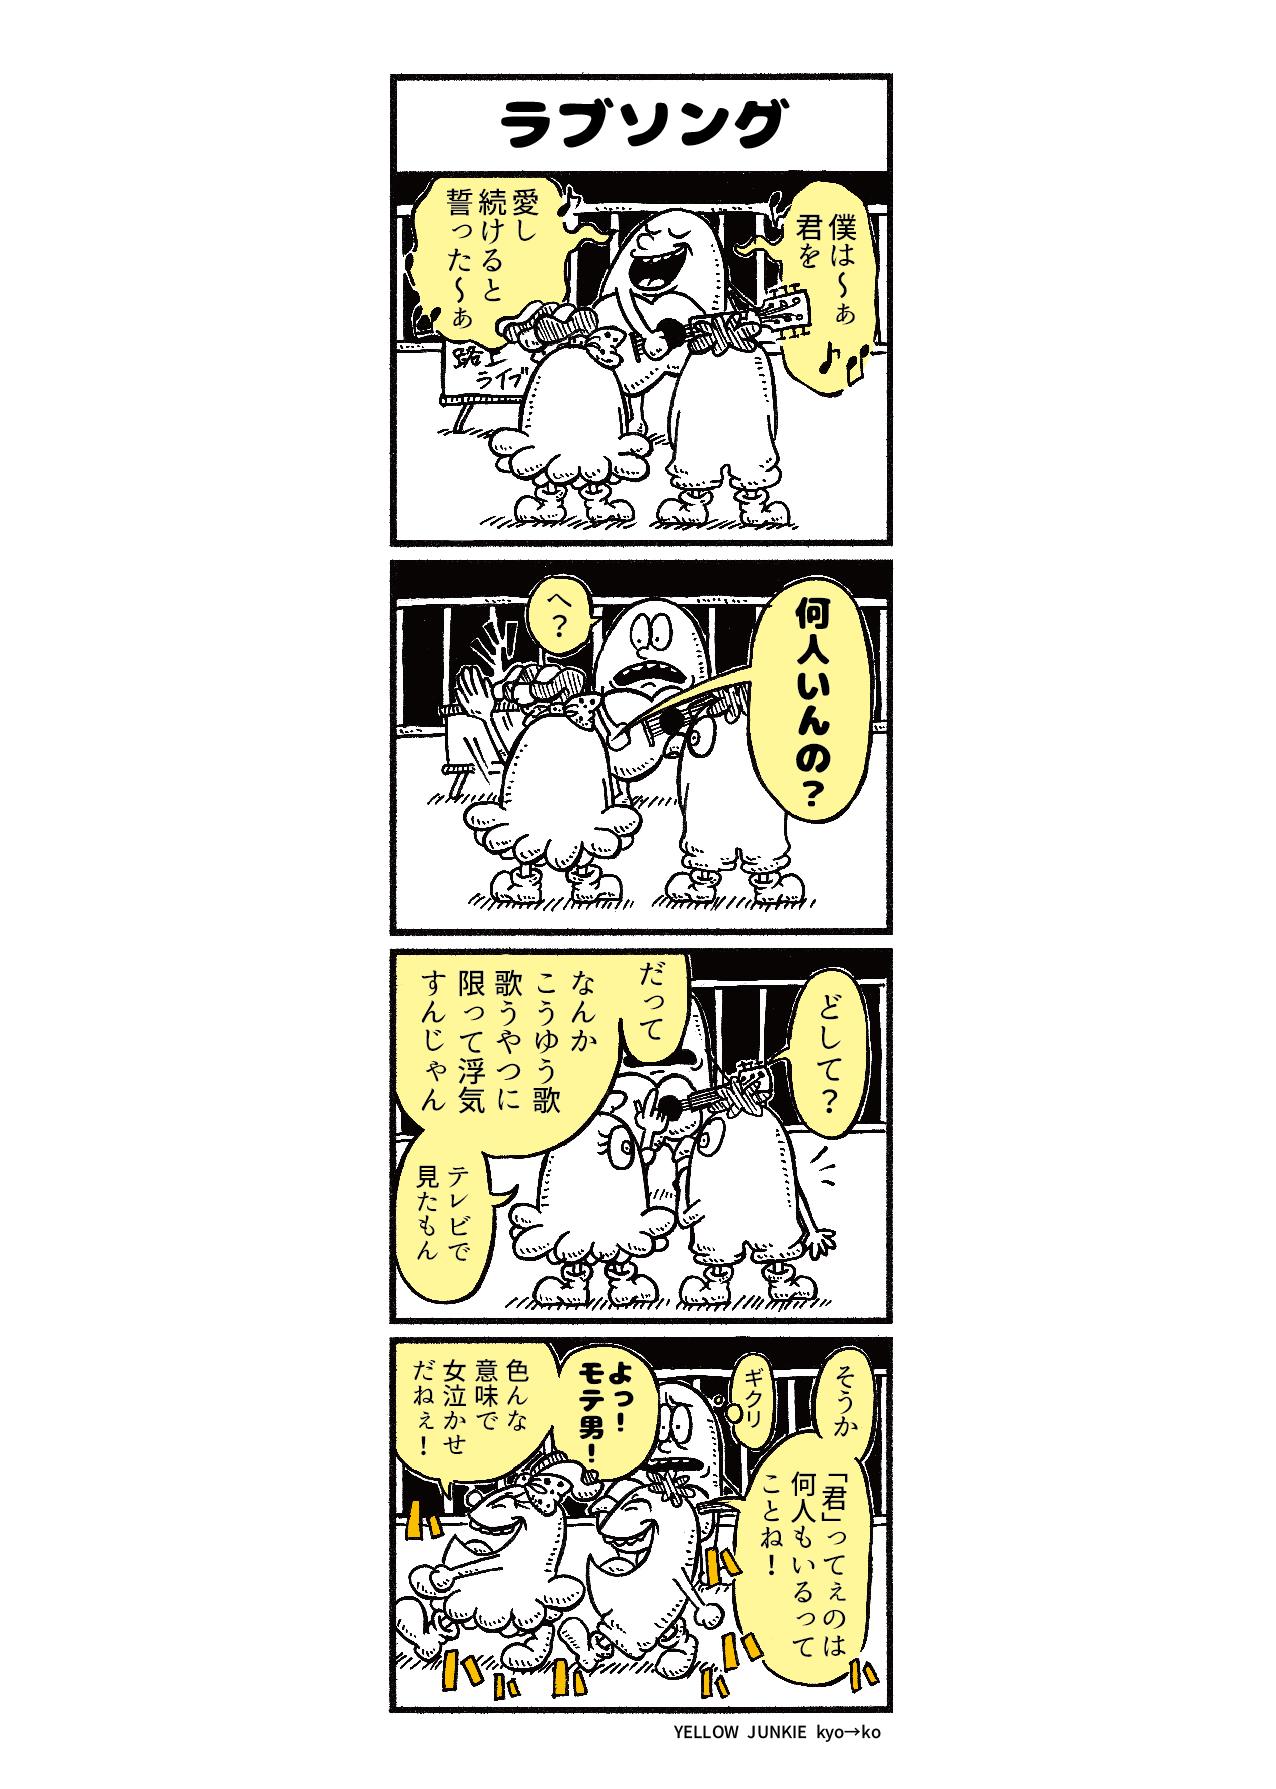 YELLOW JUNKIE「9話:ラブソング」